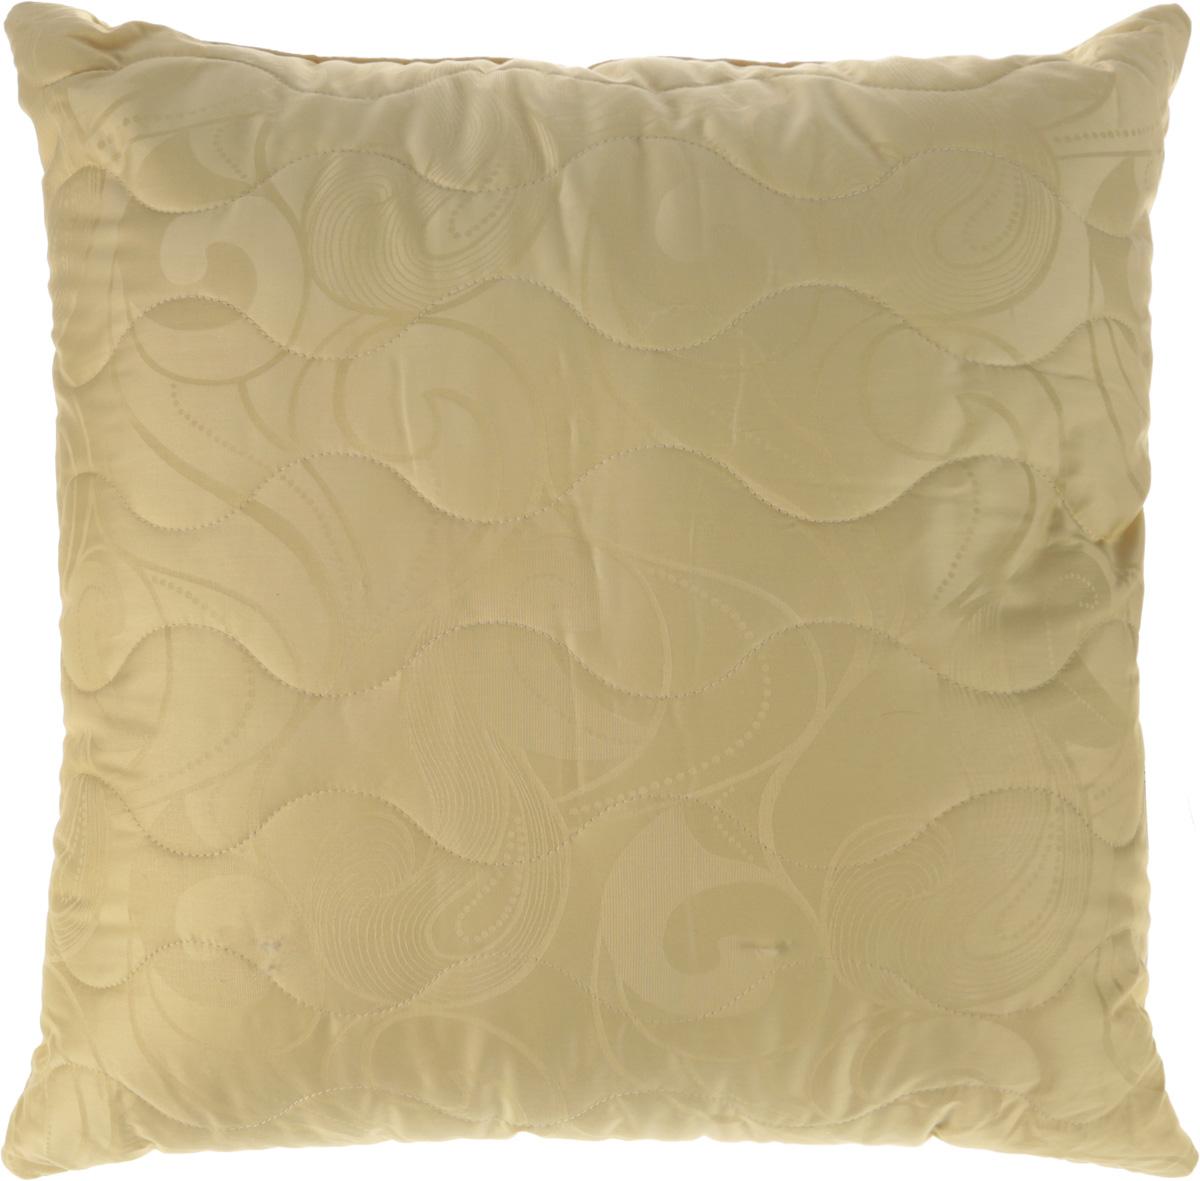 Подушка Ecotex Меринос, наполнитель: шерсть мериноса, лебяжий пух, 68 х 68 см подушка ecotex эдда наполнитель пух 68 х 68 см